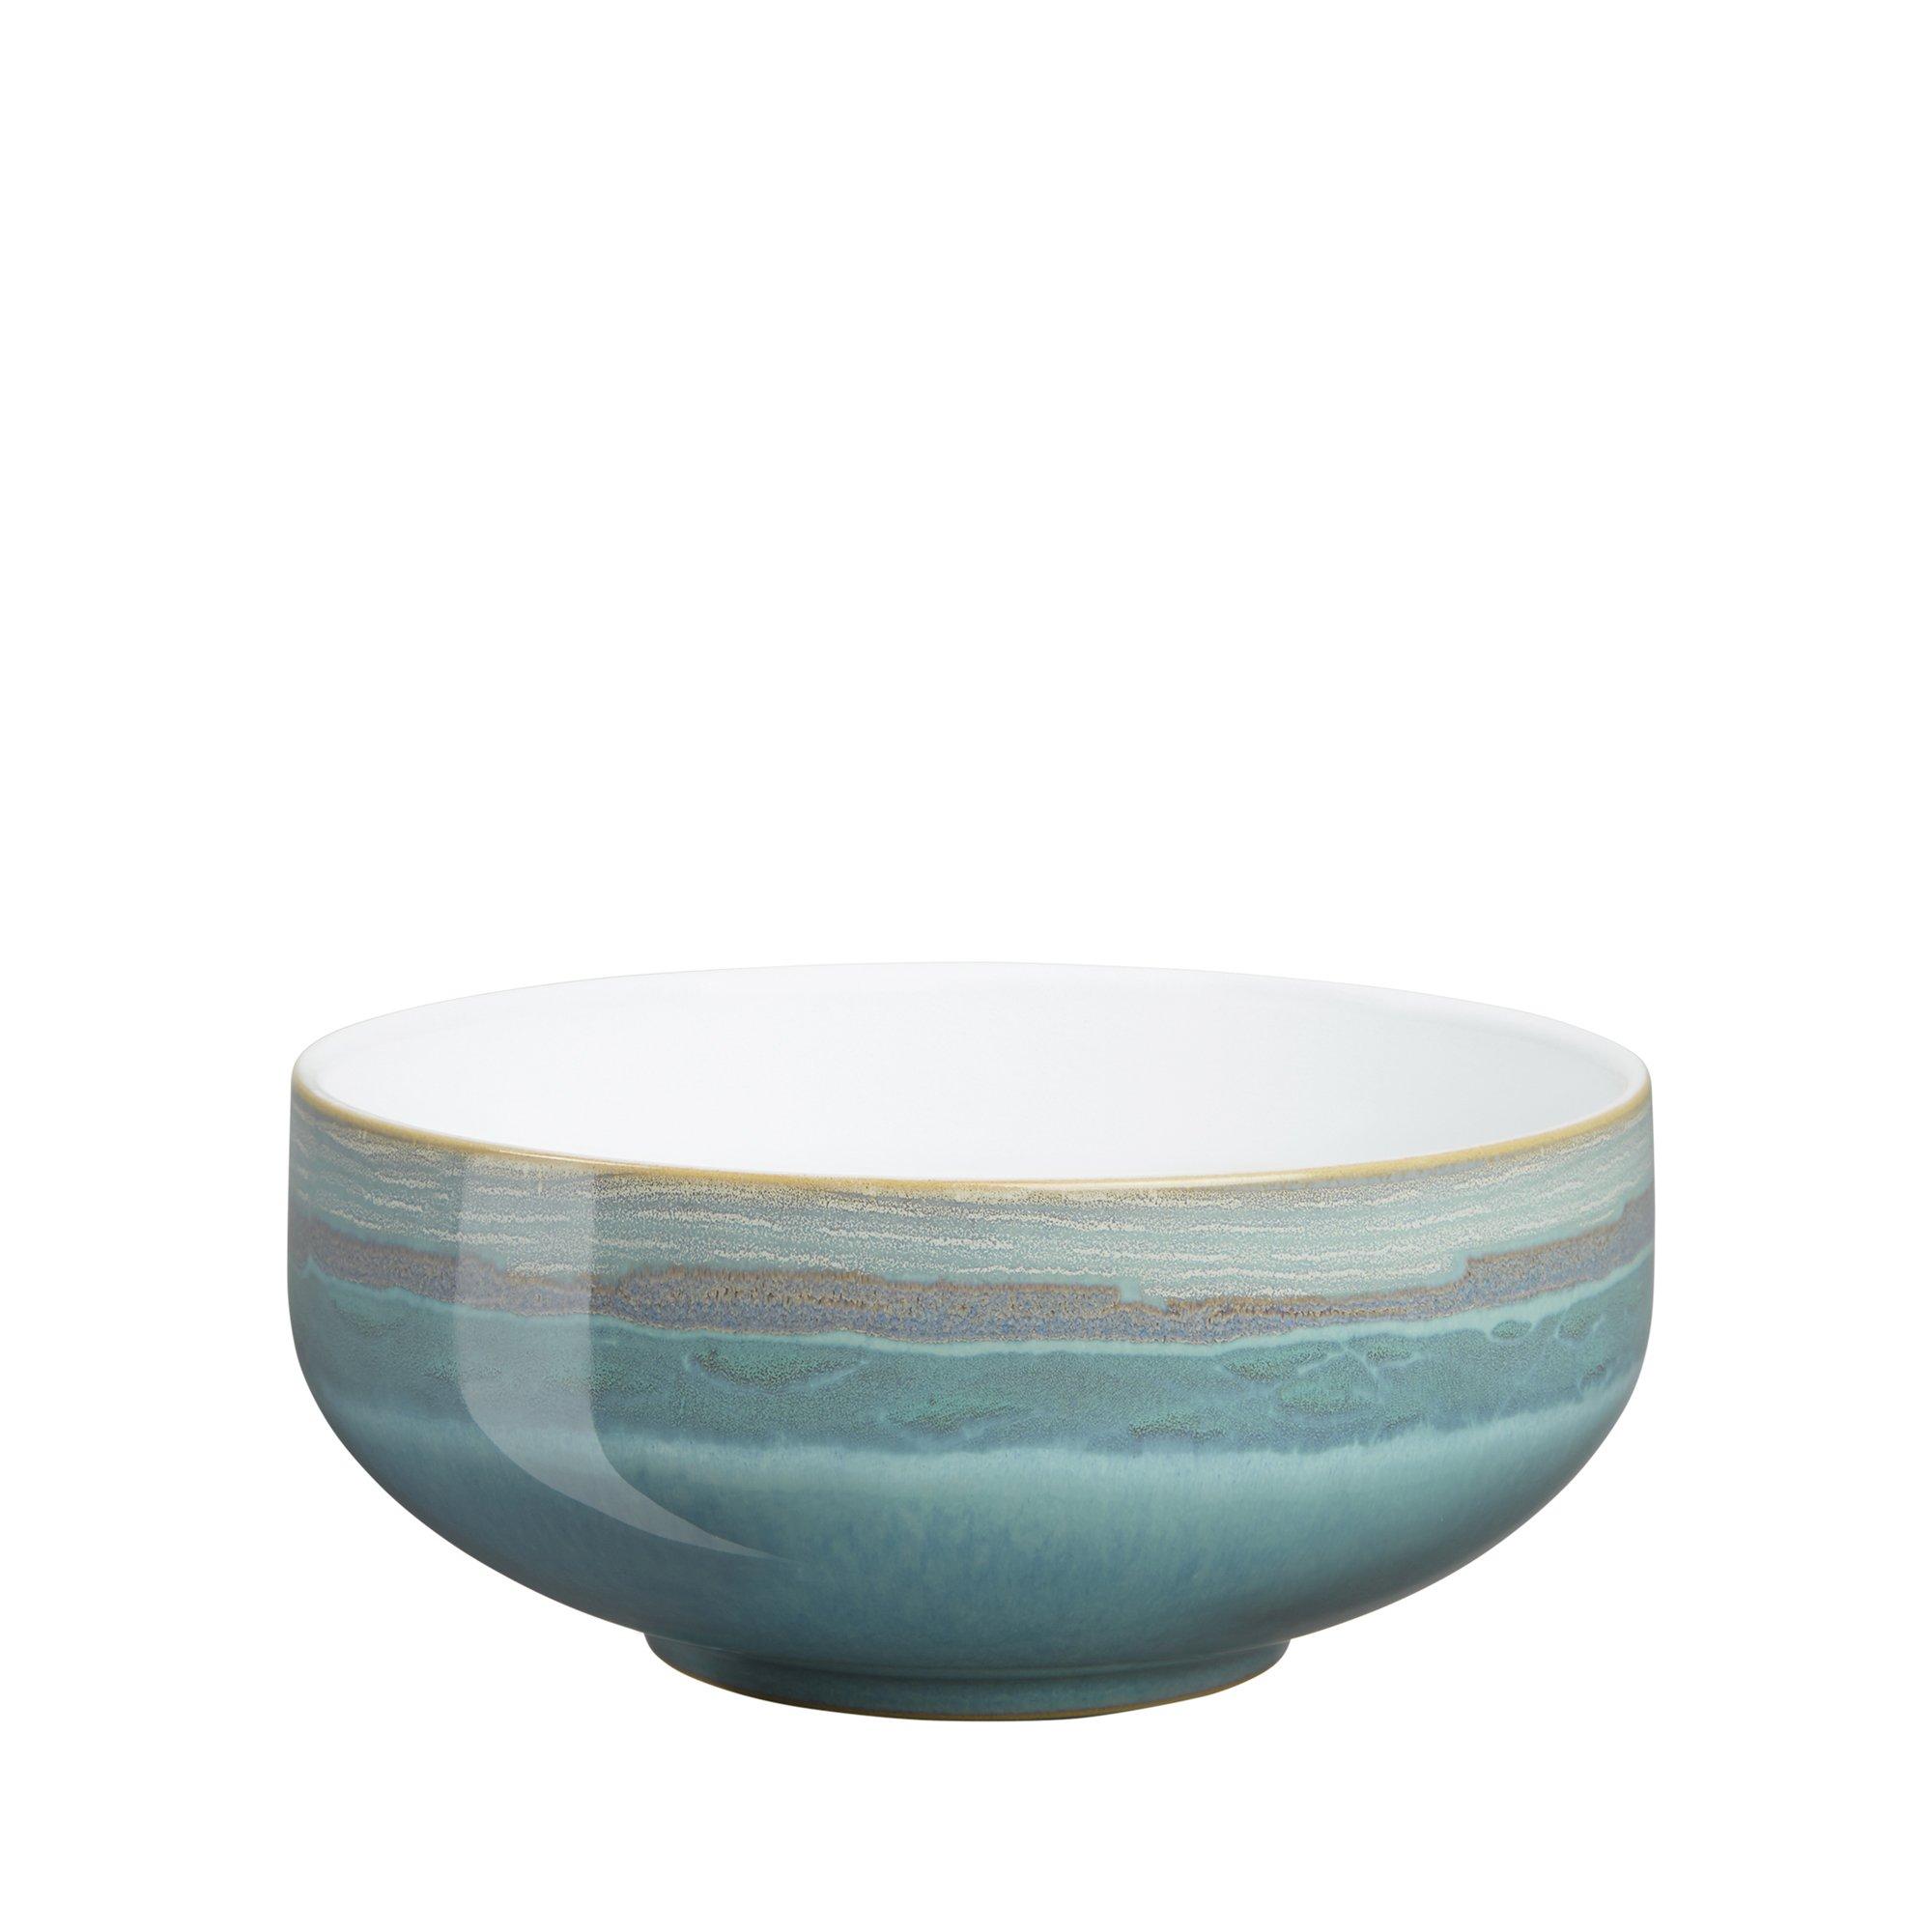 Denby Azure Coast Soup/Cereal Bowls, Set of 4